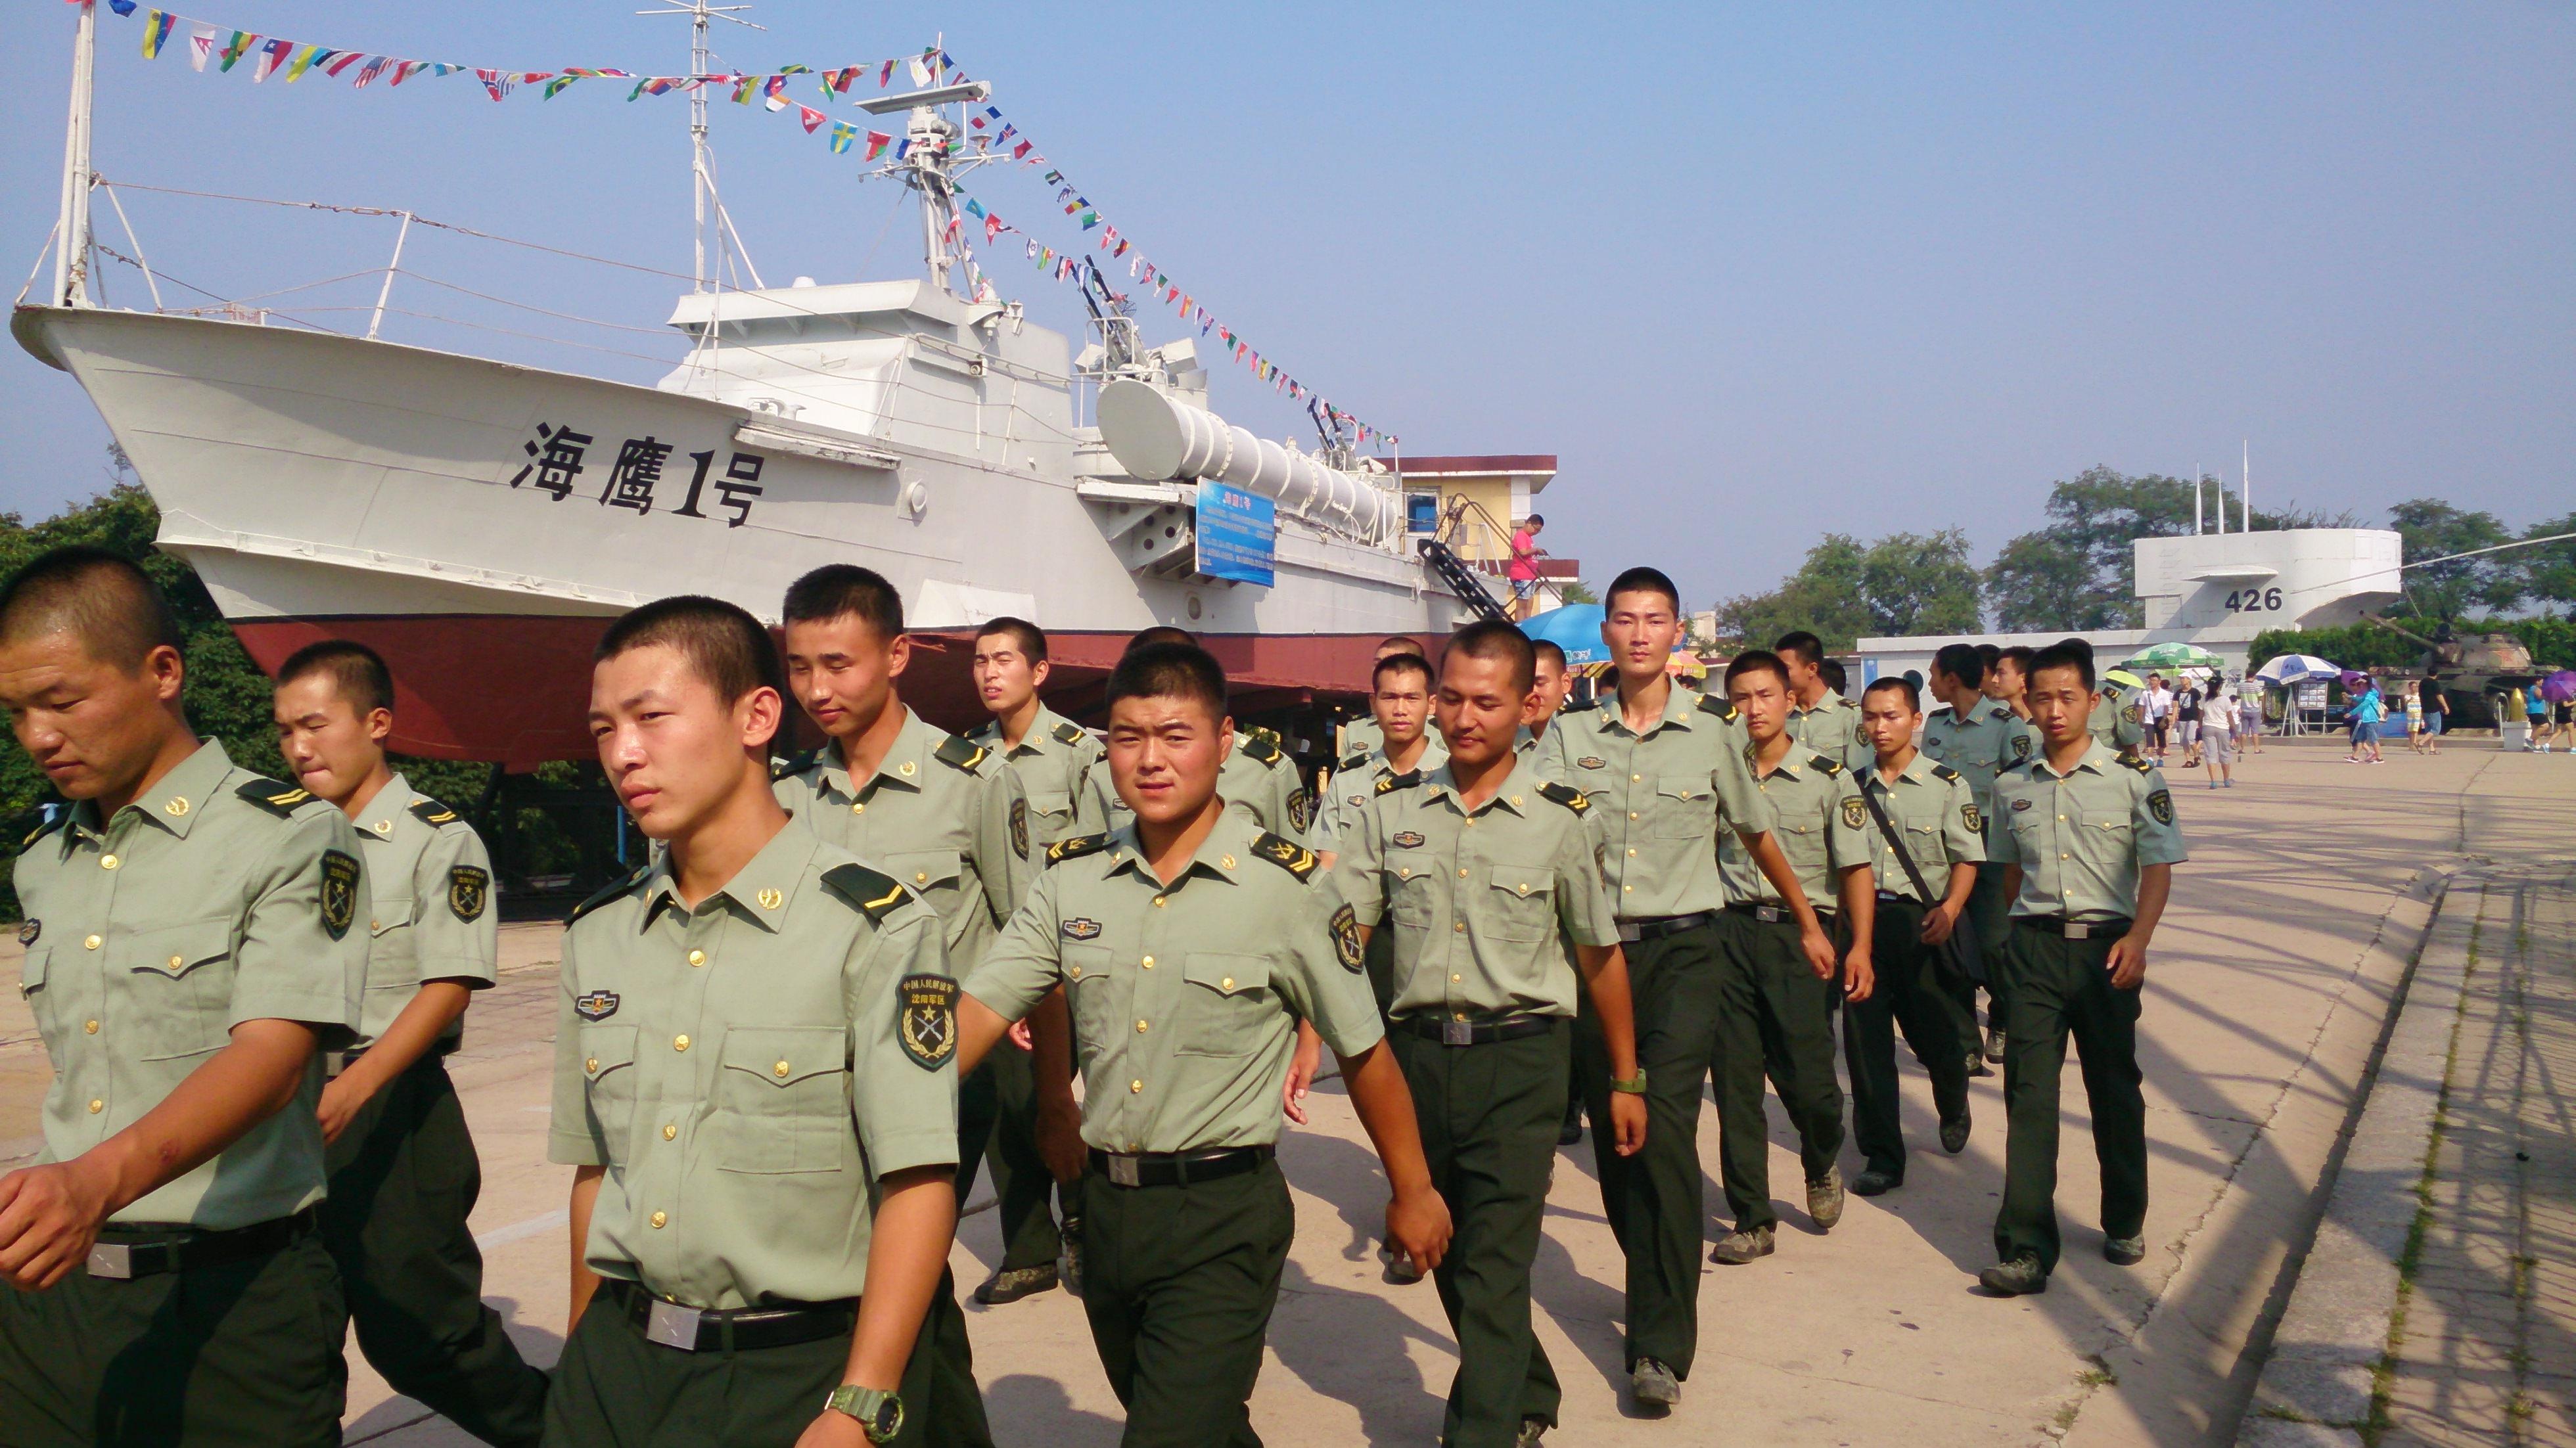 白玉塔と海軍兵器博物館